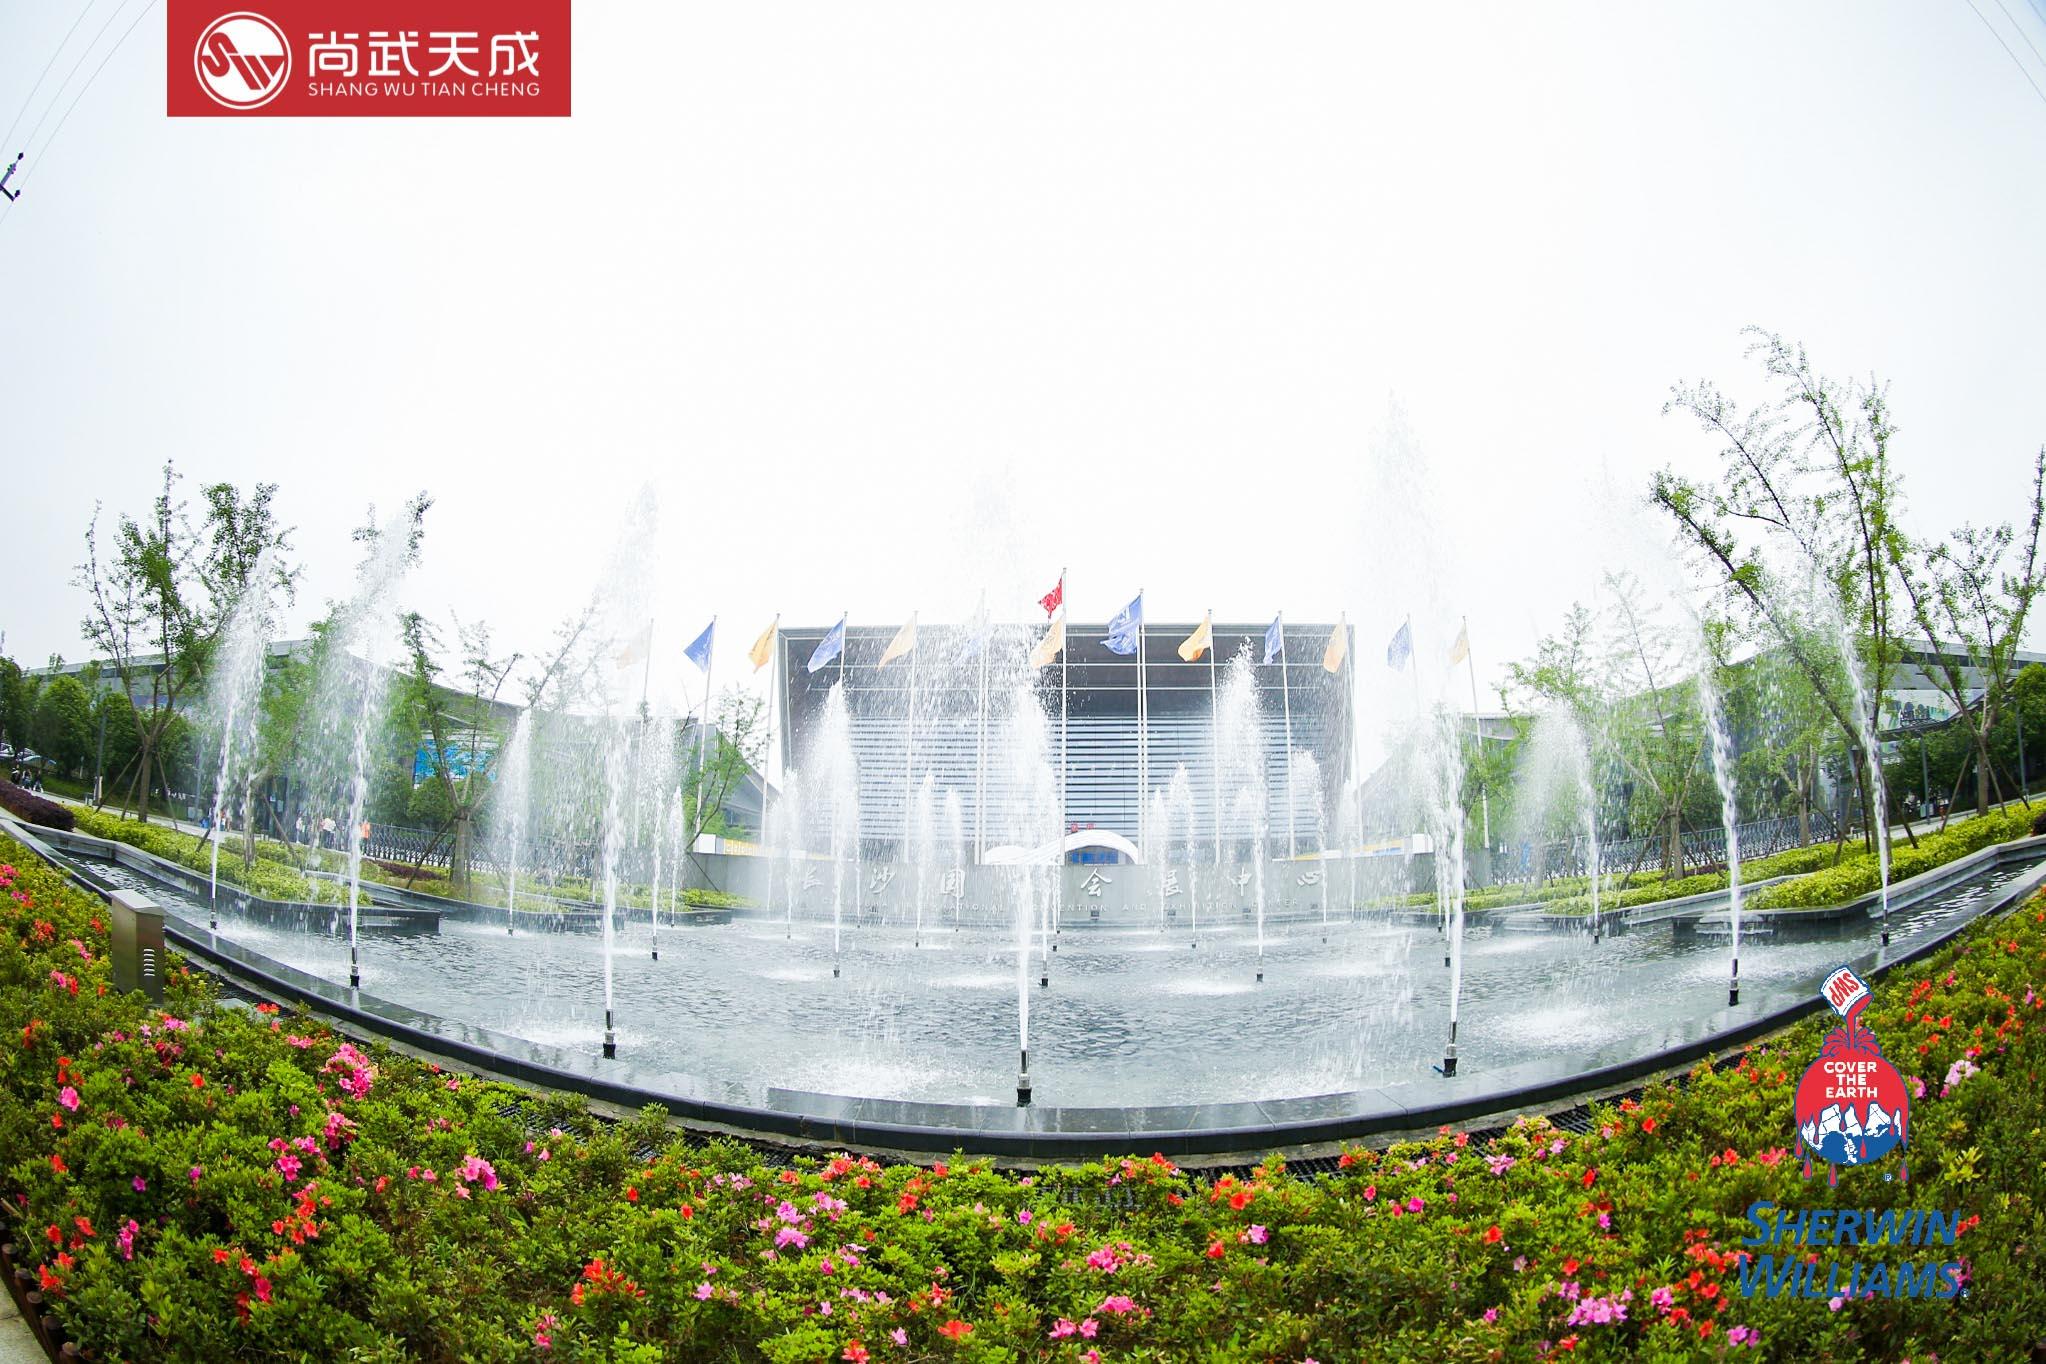 北京宣传广告图片拍摄与制作的基本要素